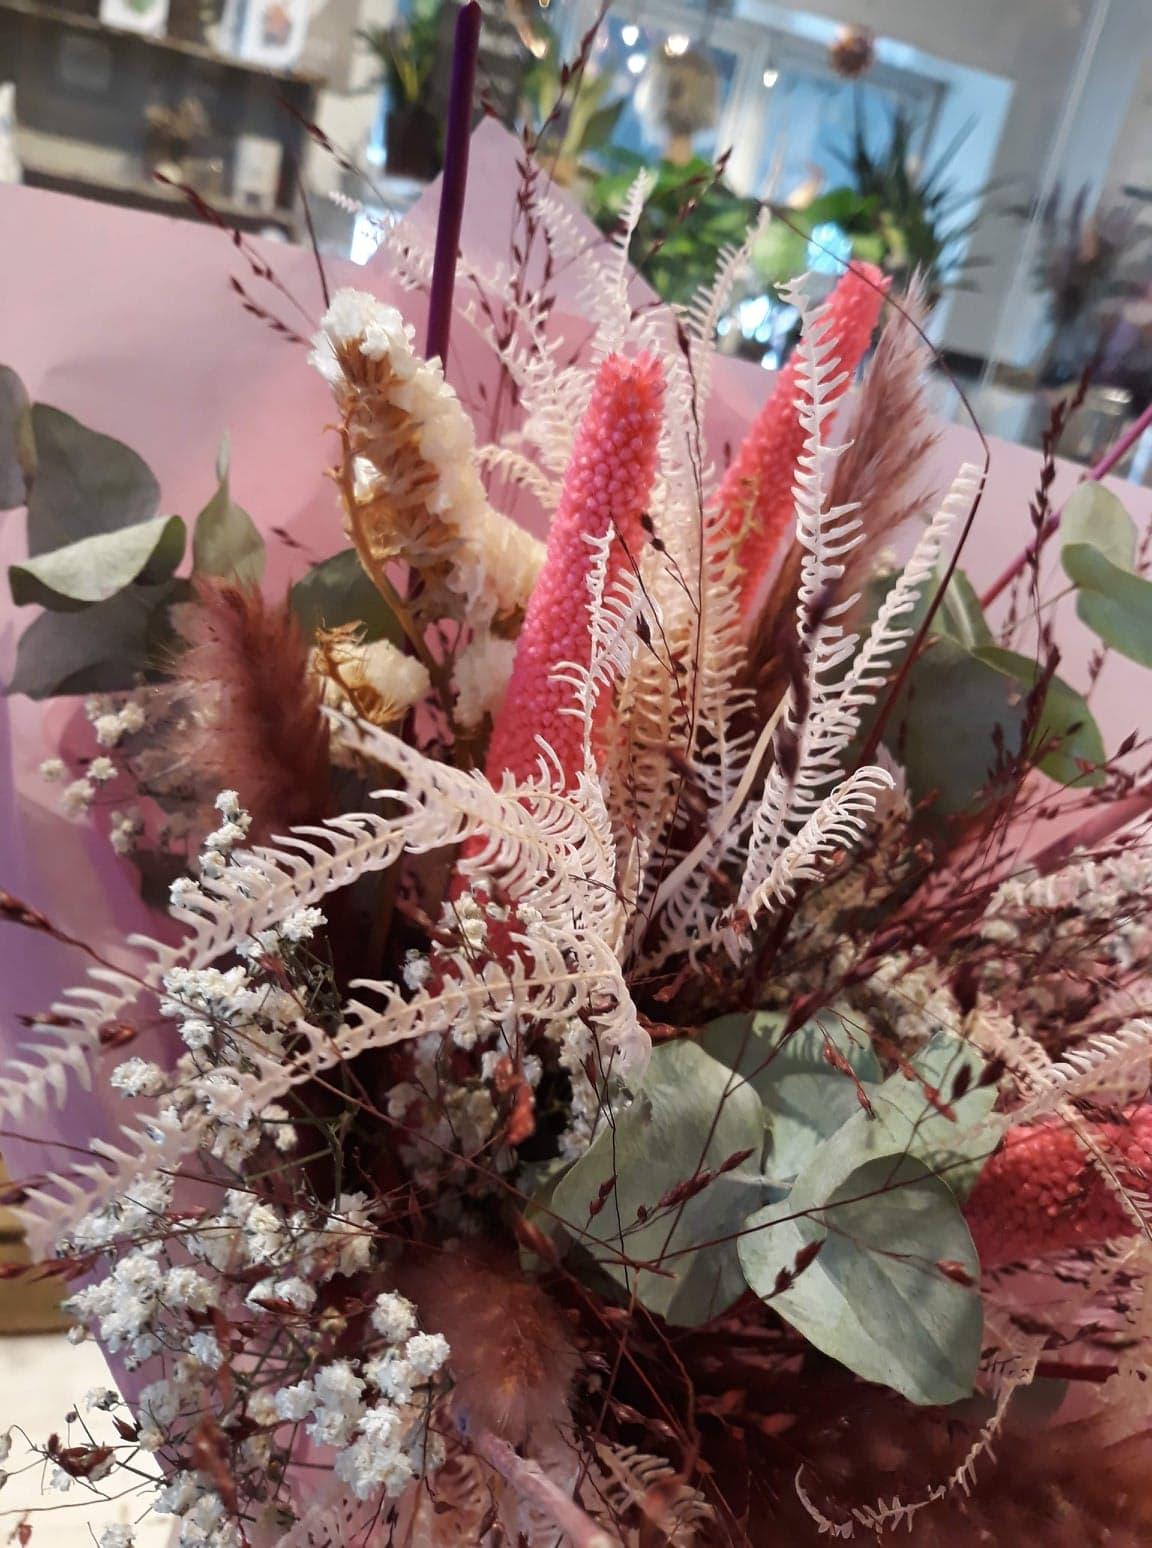 Evighedsbuket douche lyserød, pink, lilla fra Aarstidens Blomster